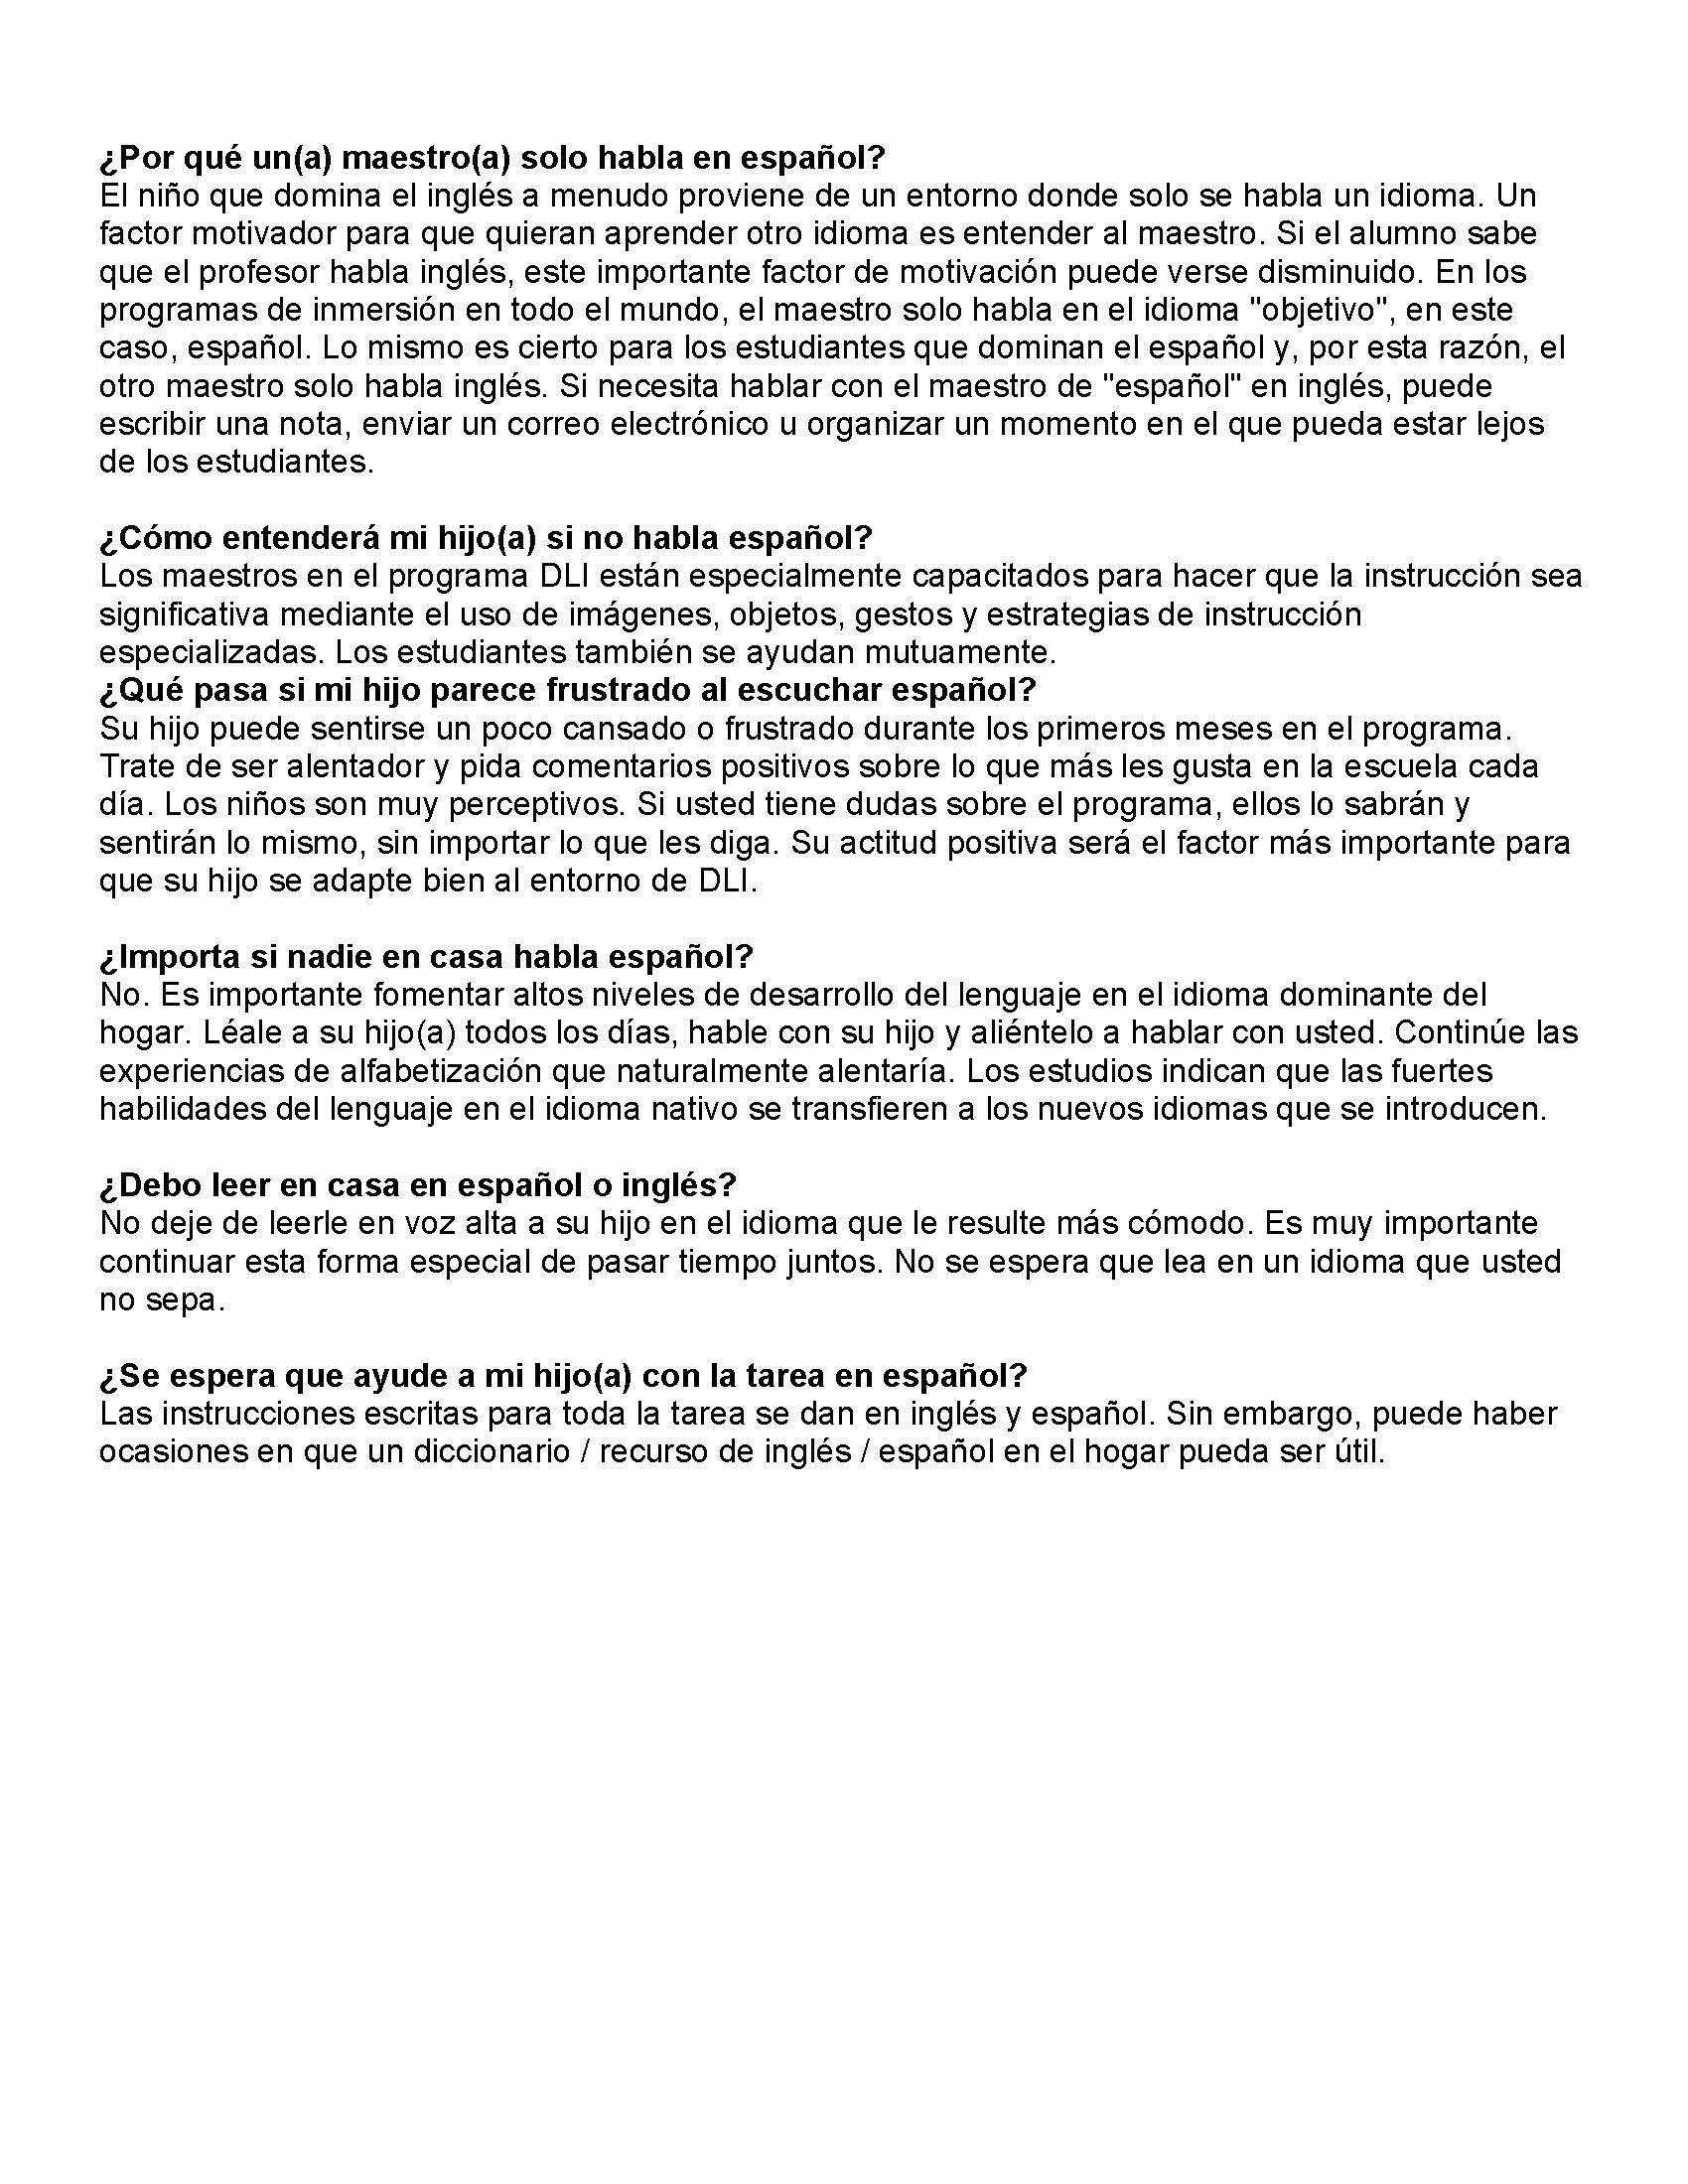 DLI FAQs Espanol_Page_2